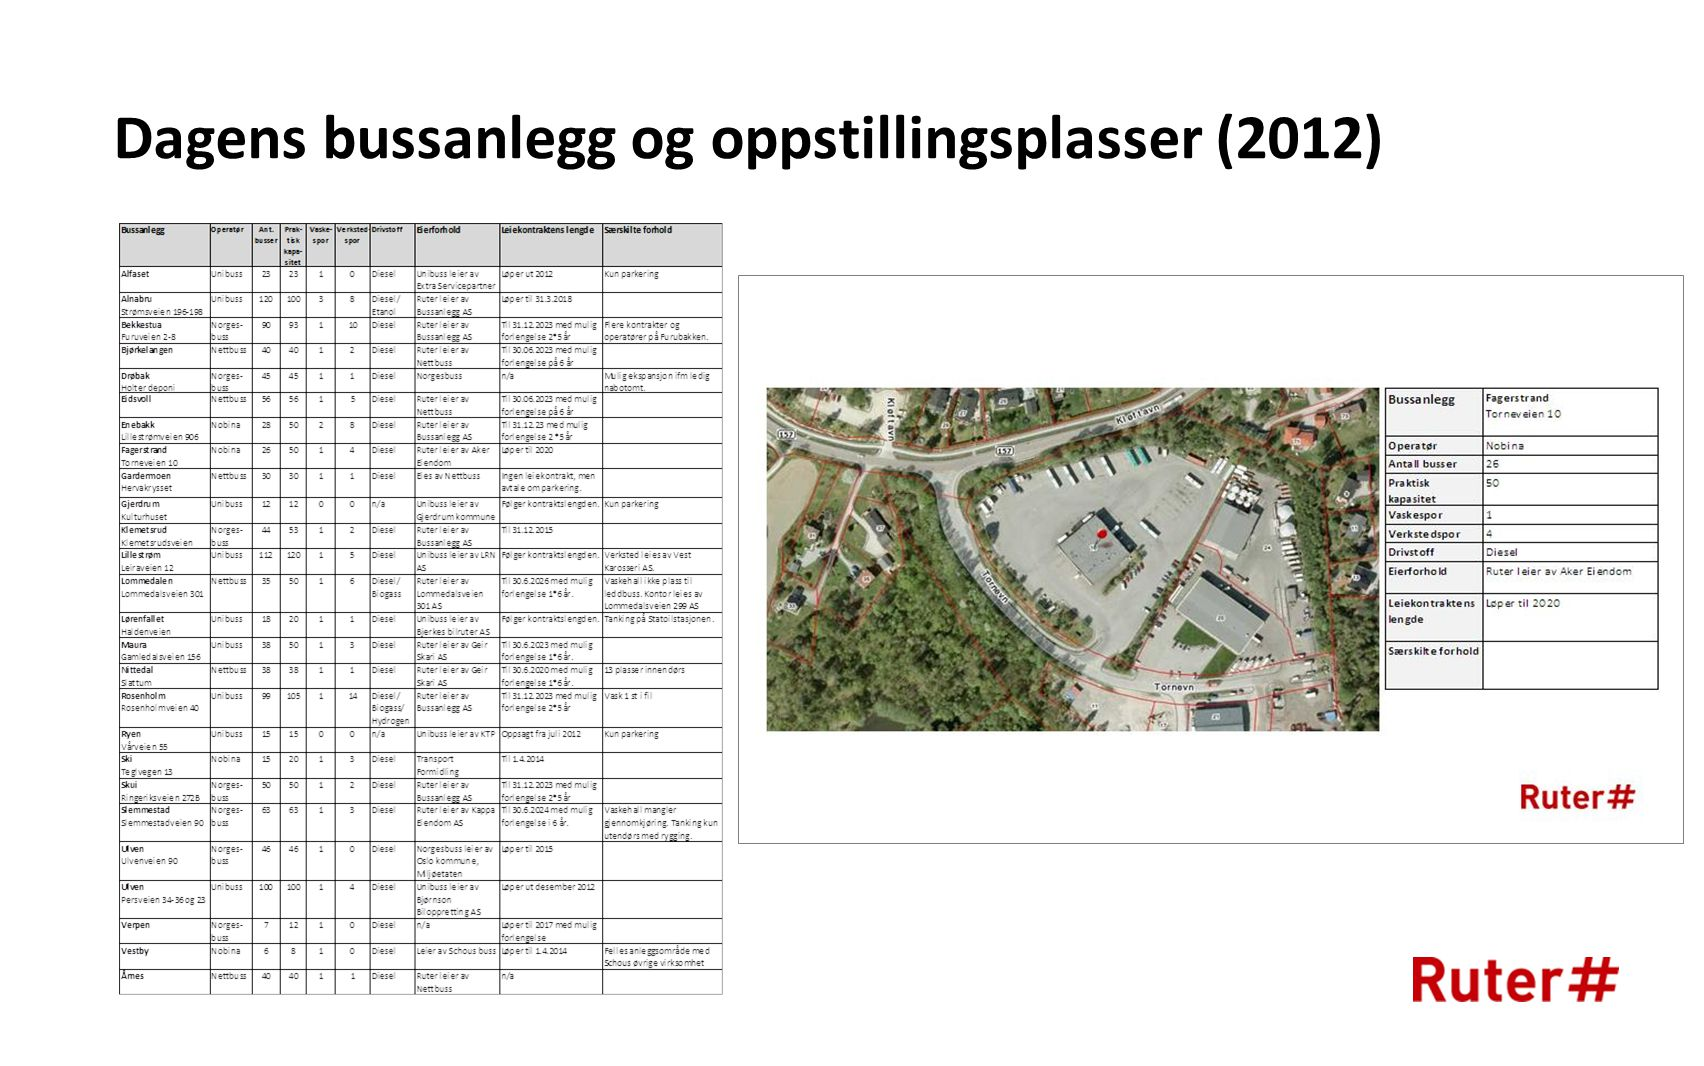 Dagens bussanlegg og oppstillingsplasser (2012)